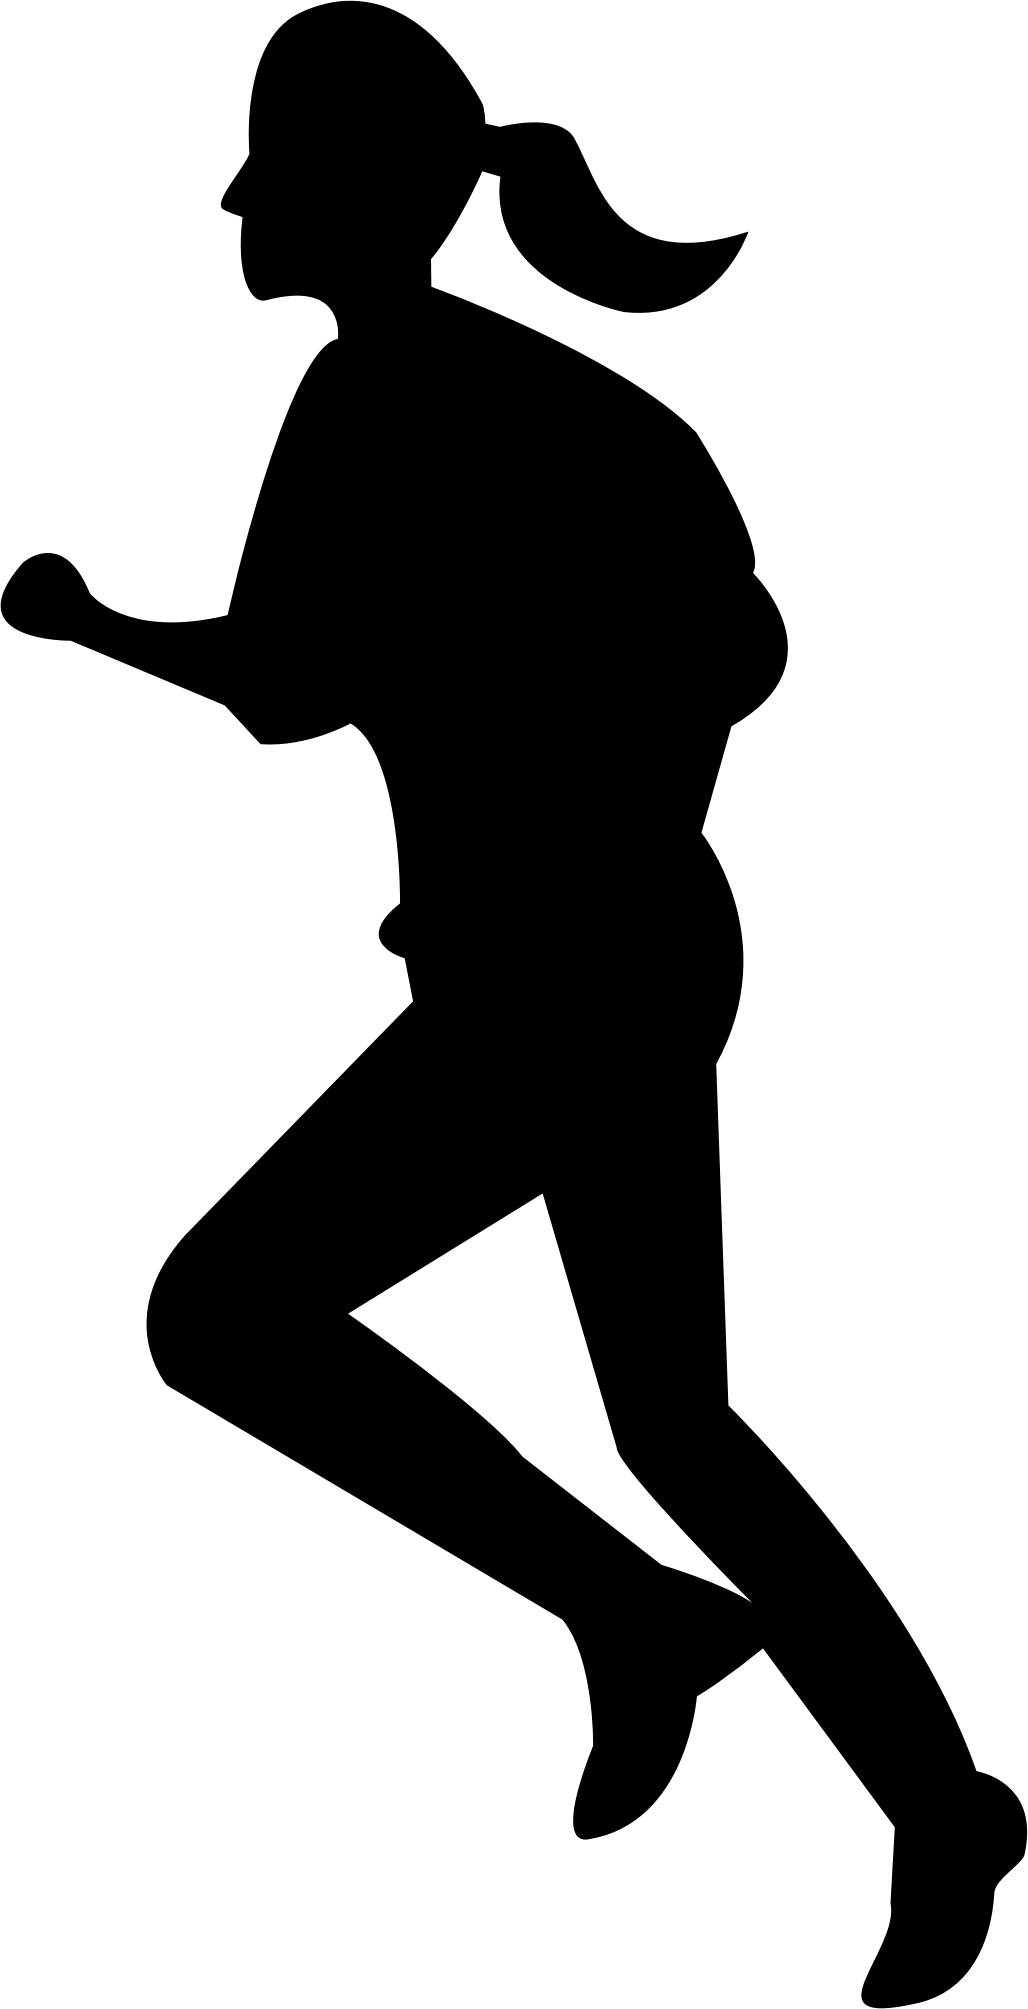 1028x2009 Running Clipart Transparent